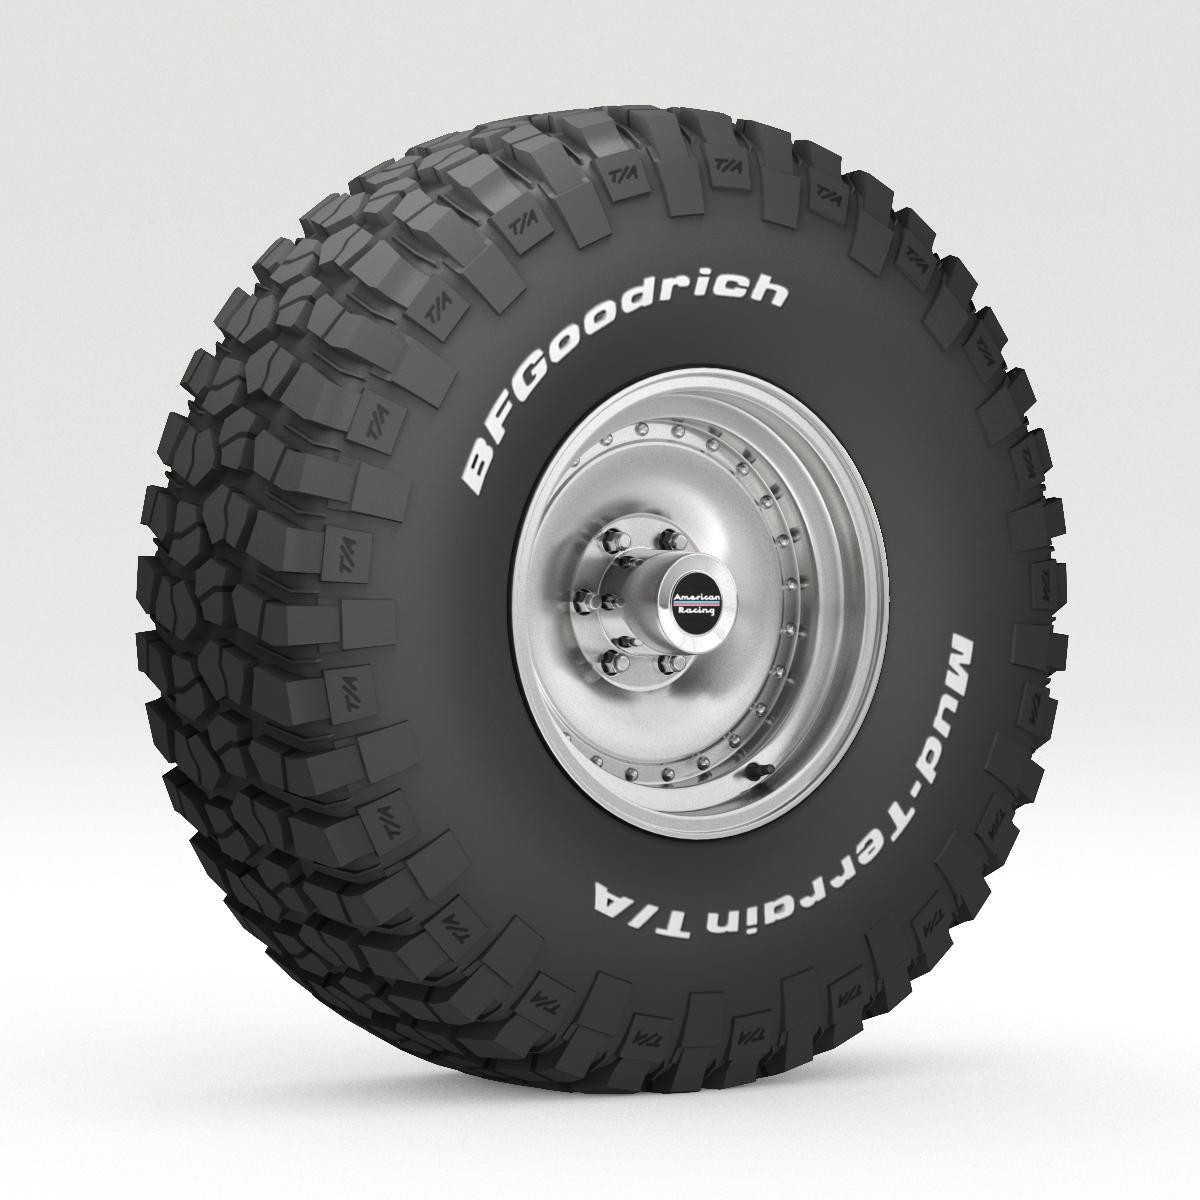 Off Road wheel and tire 6 3d model 3ds max fbx obj 273551